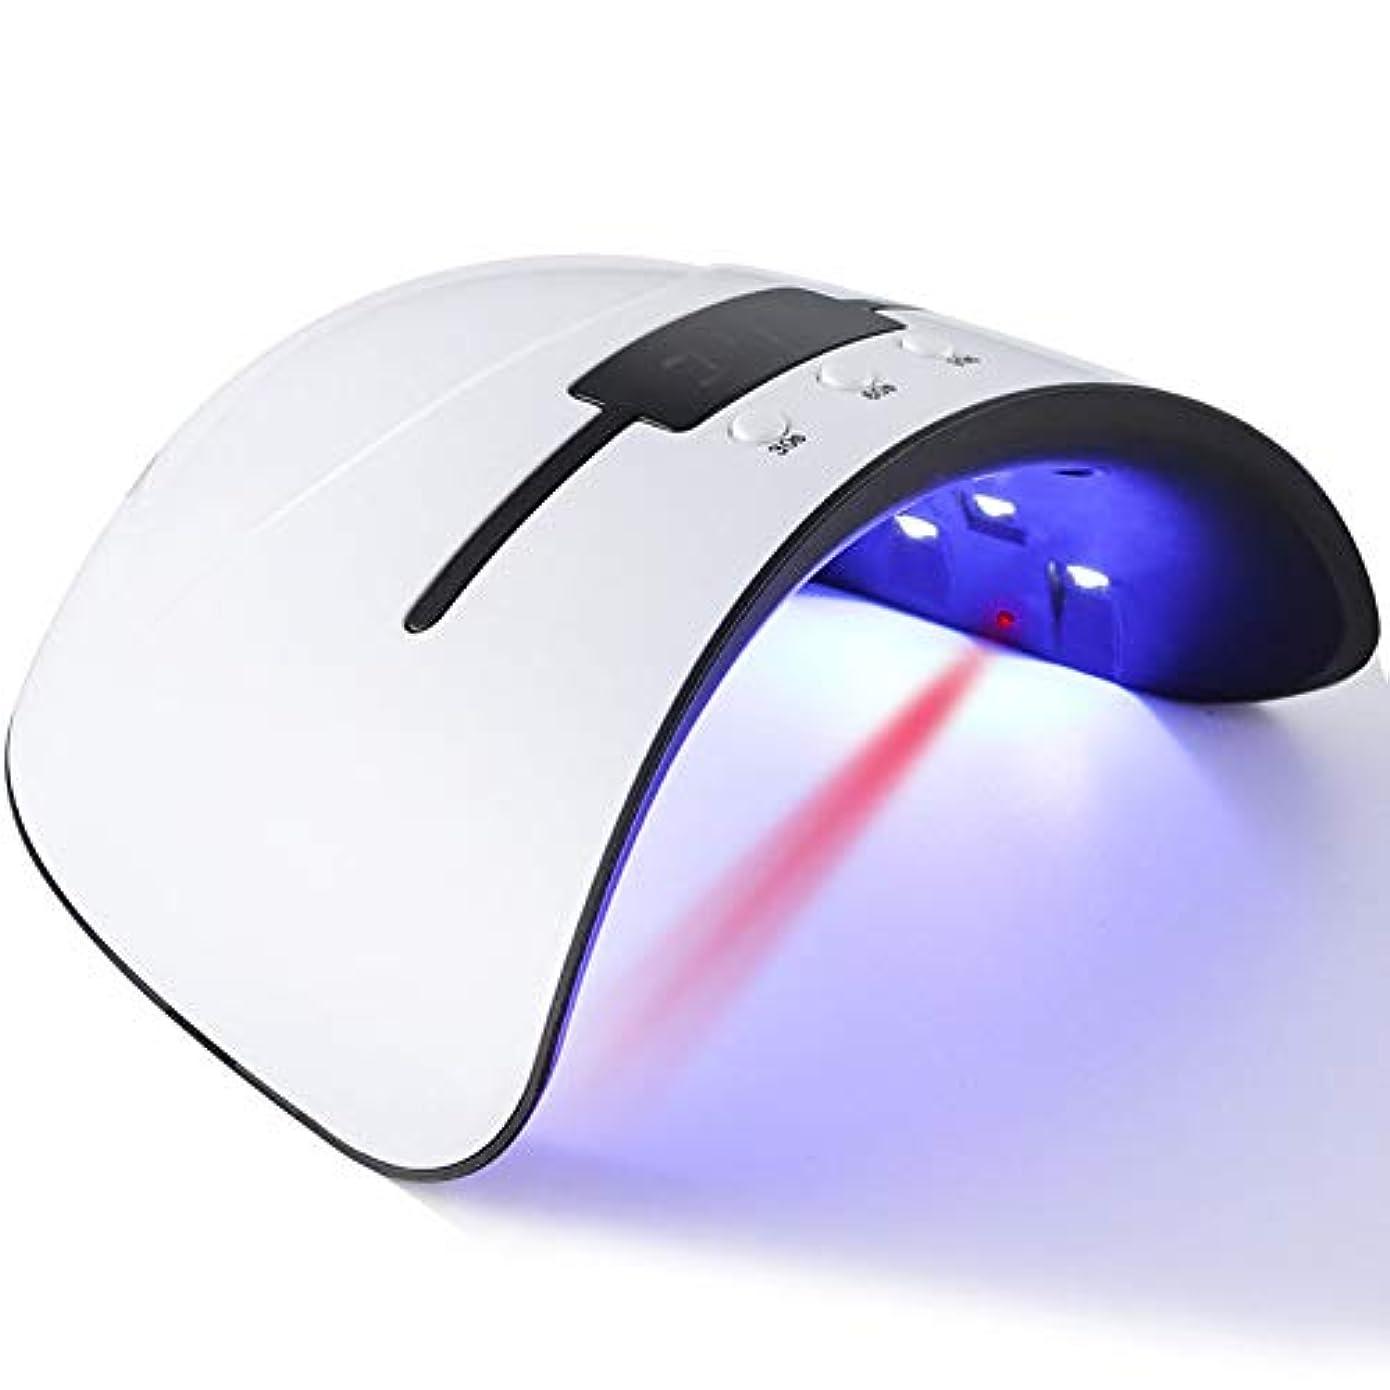 繊毛いわゆる商標硬化ライト ネイルlight ジェルネイル LED ネイルドライヤー 日本語説明書付属 36W 無痛硬化 赤外線検知